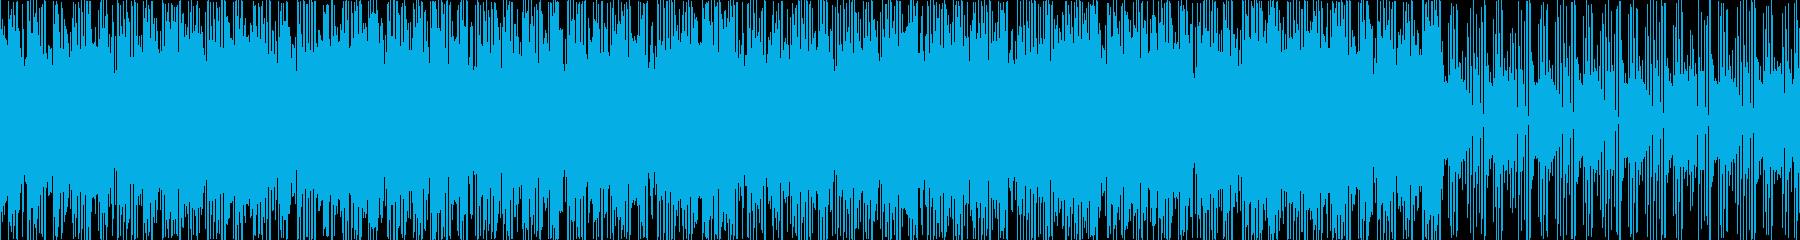 お洒落・ポジティブ・シンプルなBGM、Sの再生済みの波形